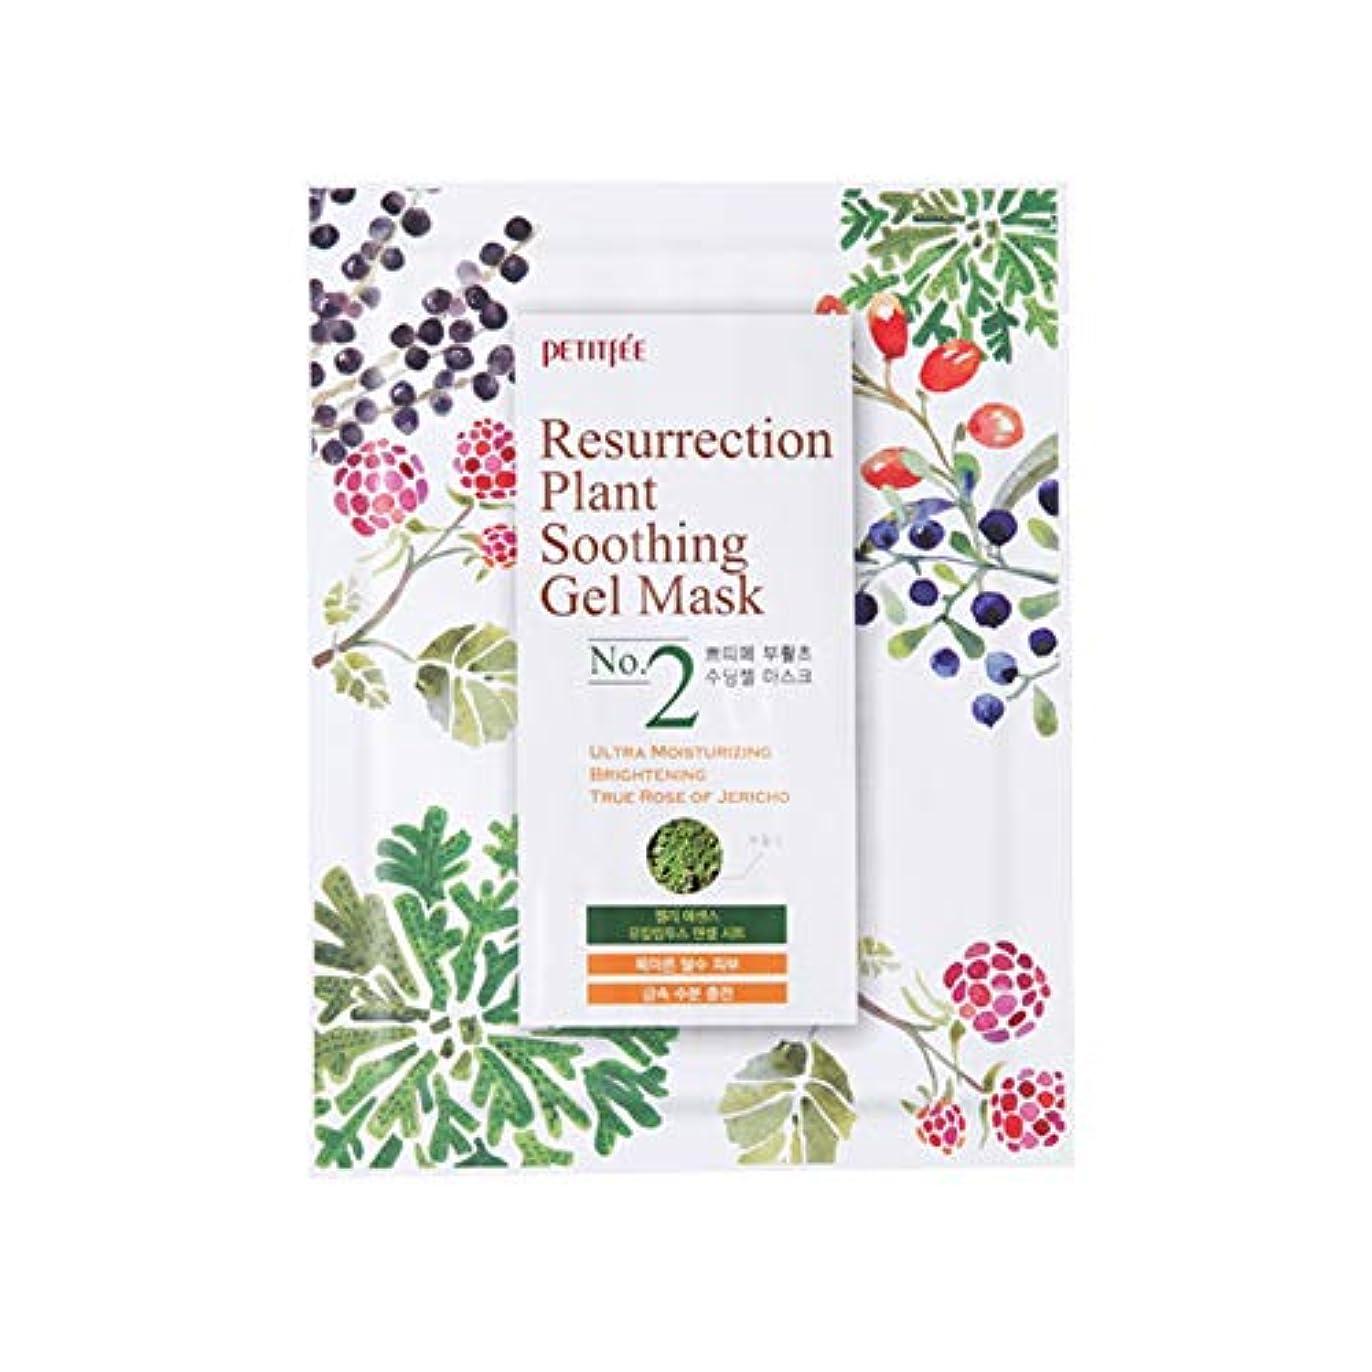 シャッター敵対的朝食を食べるPETITFEE (プチペ) 復活植物スージングジェルマスク30gx10P (保湿) / Resurrection Plant Soothing Gel Mask